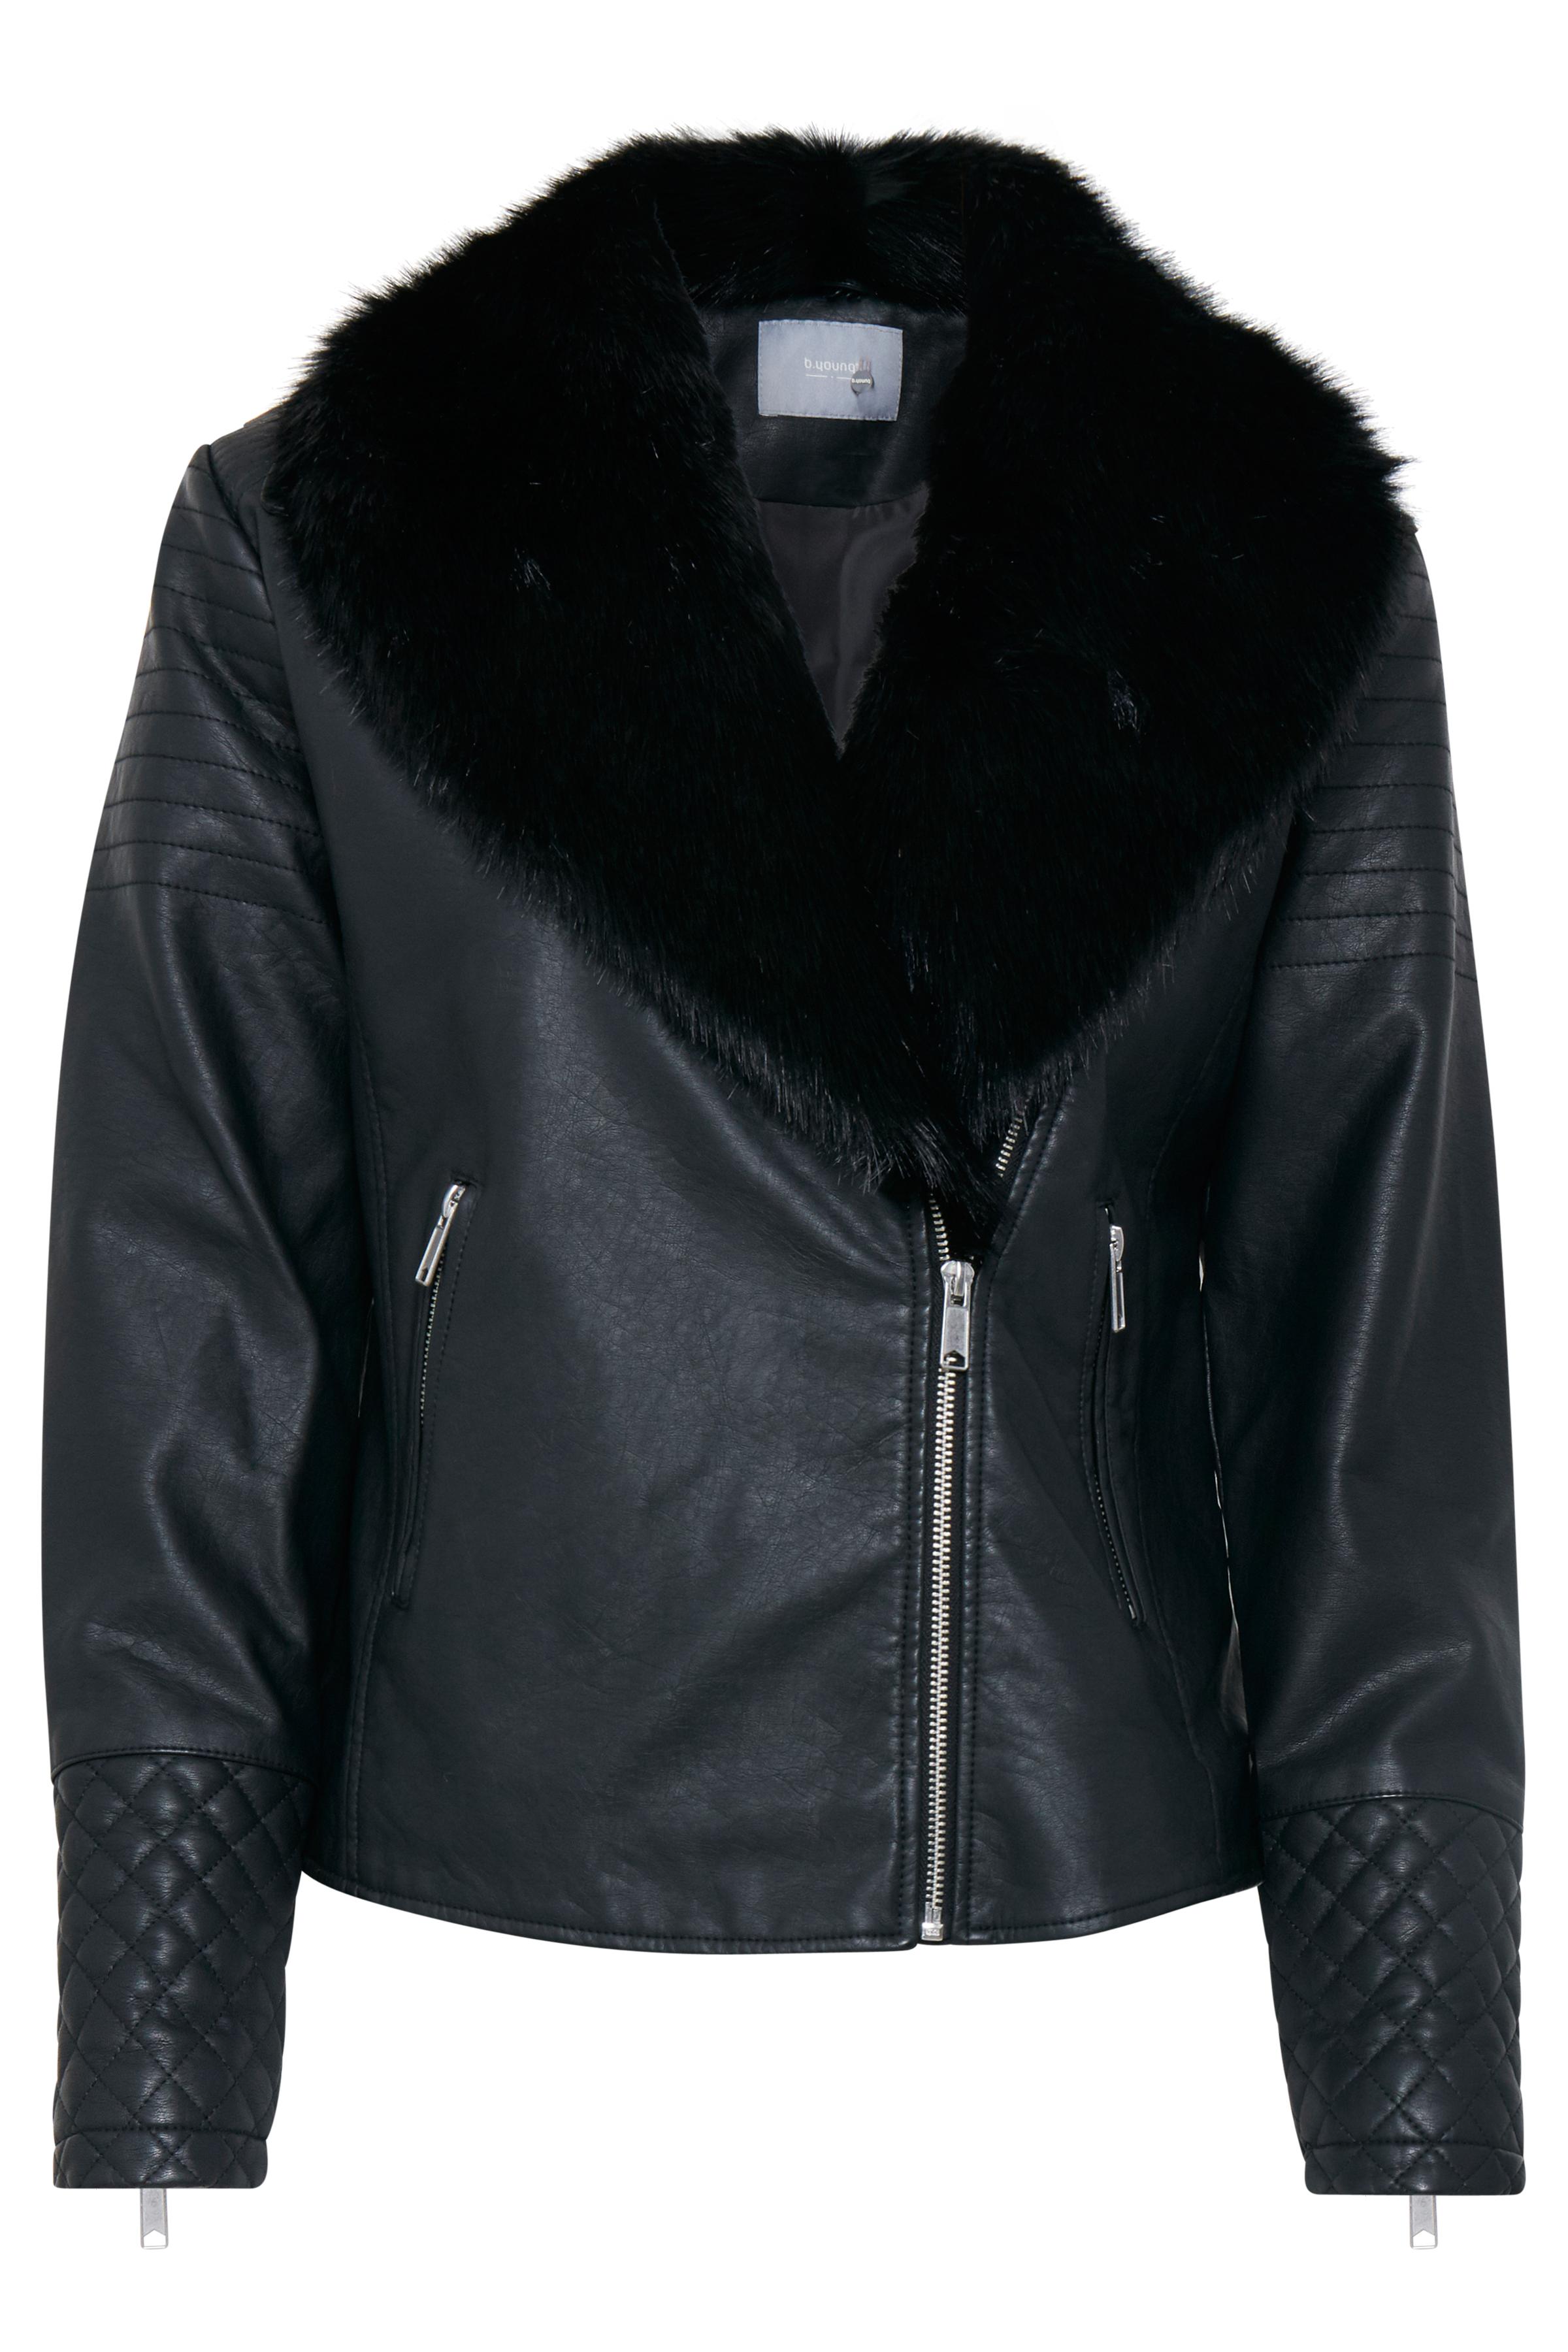 Black Jacke von b.young – Kaufen Sie Black Jacke aus Größe 34-42 hier